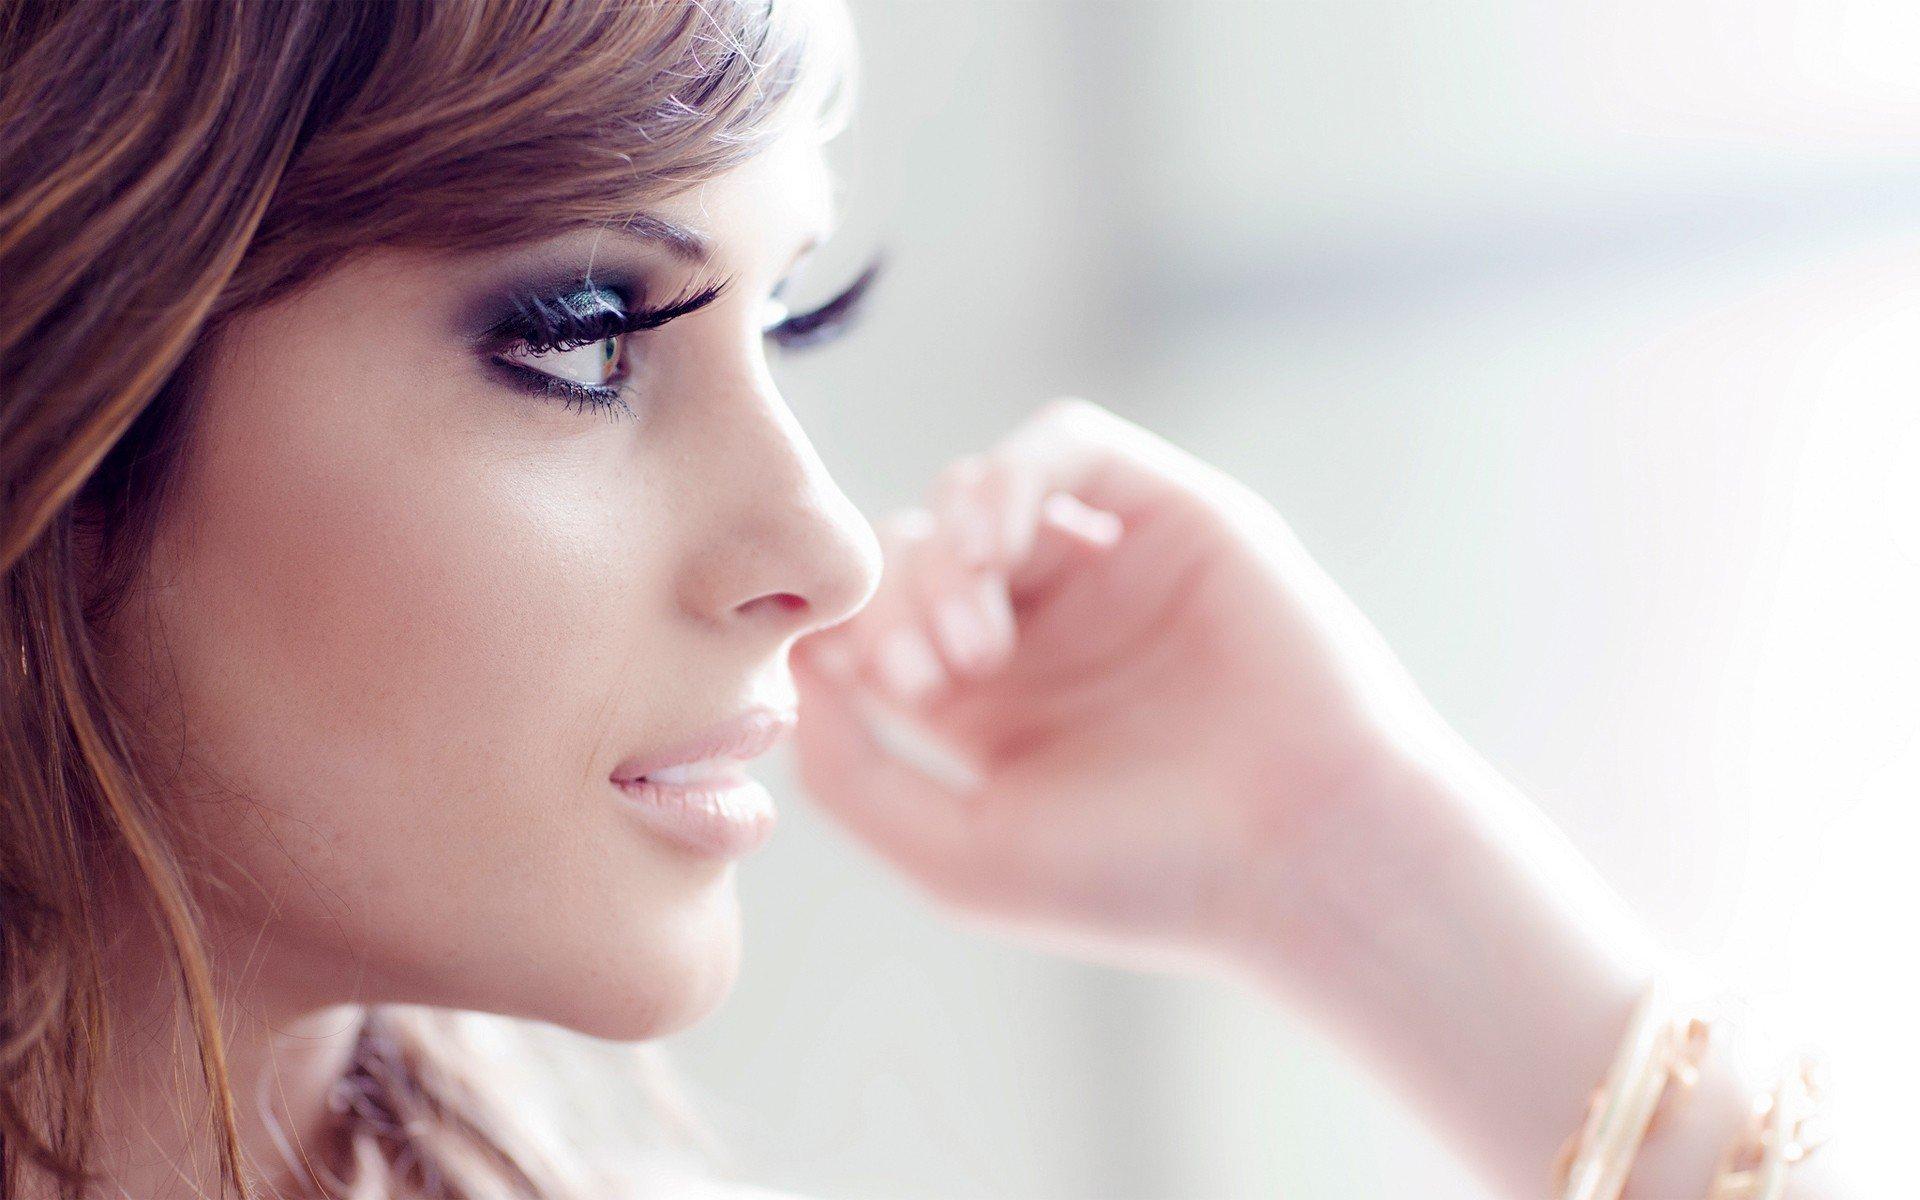 Девушка с красивыми ресницами